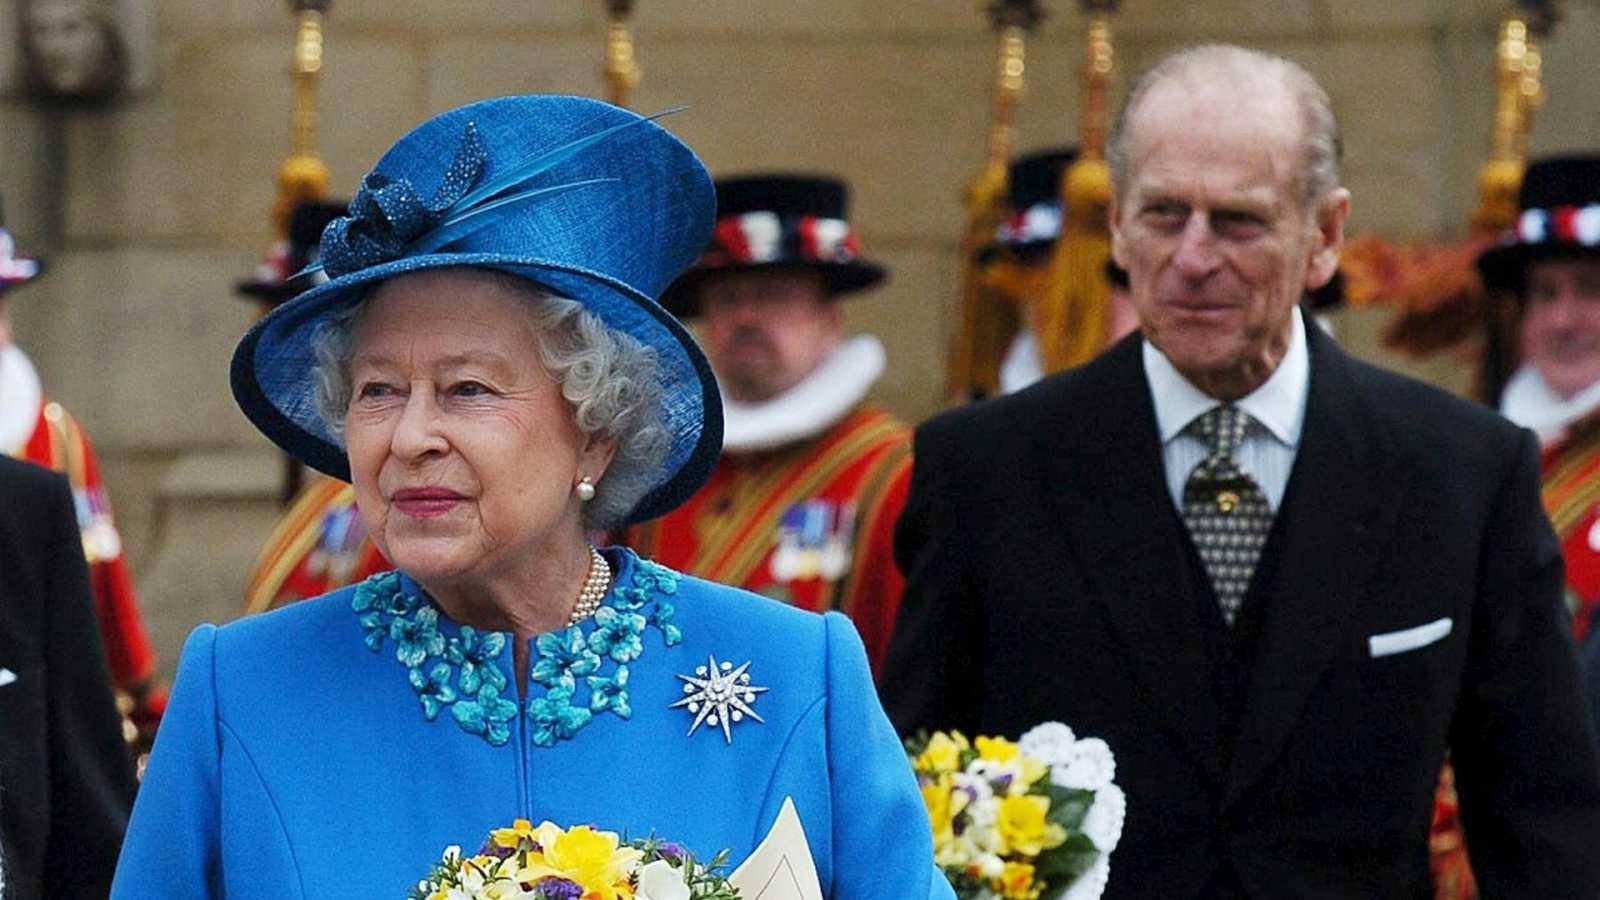 Más cerca - El duque de Edimburgo, siempre un paso por detrás de Isabel II - Escuchar ahora